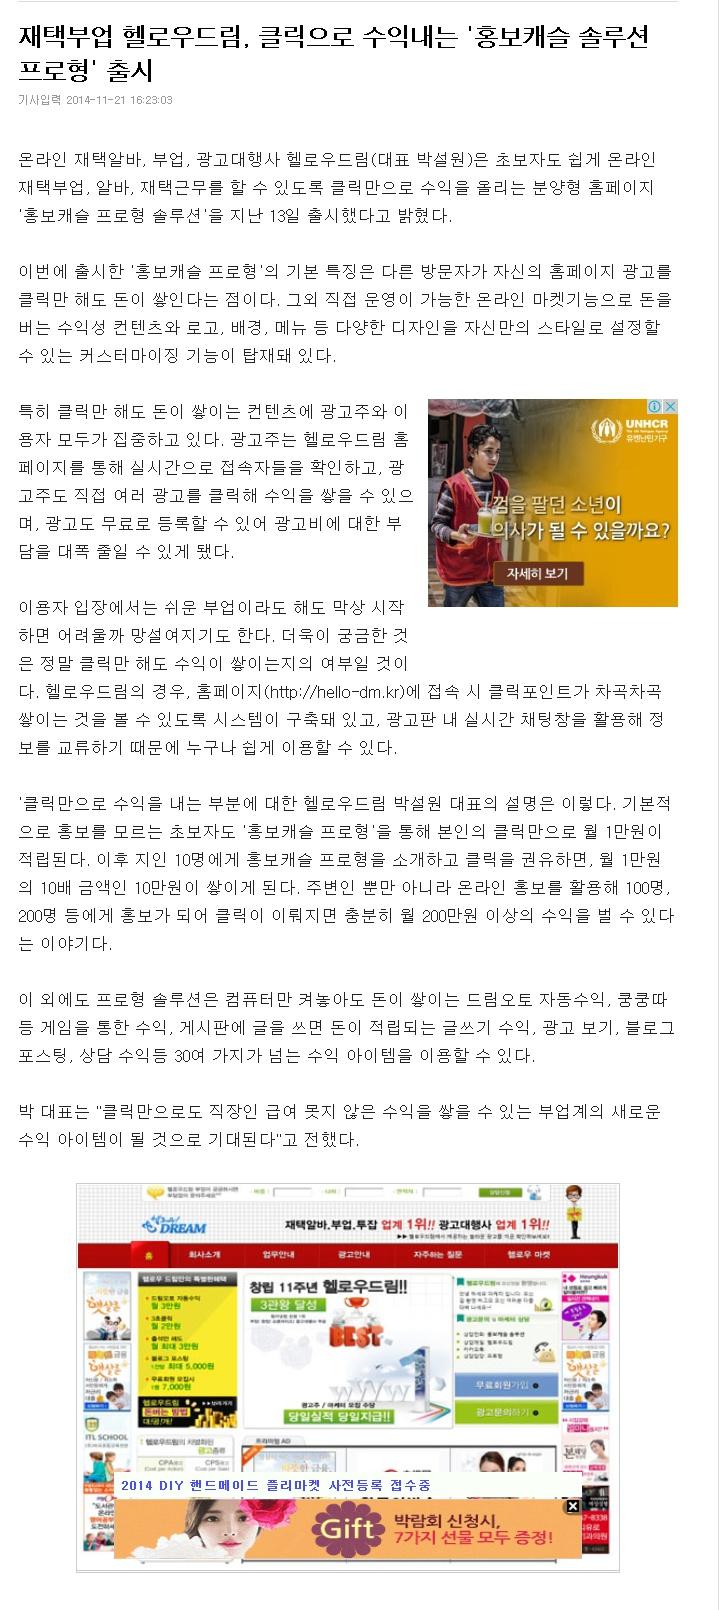 chosun_com_20141121_173244.jpg